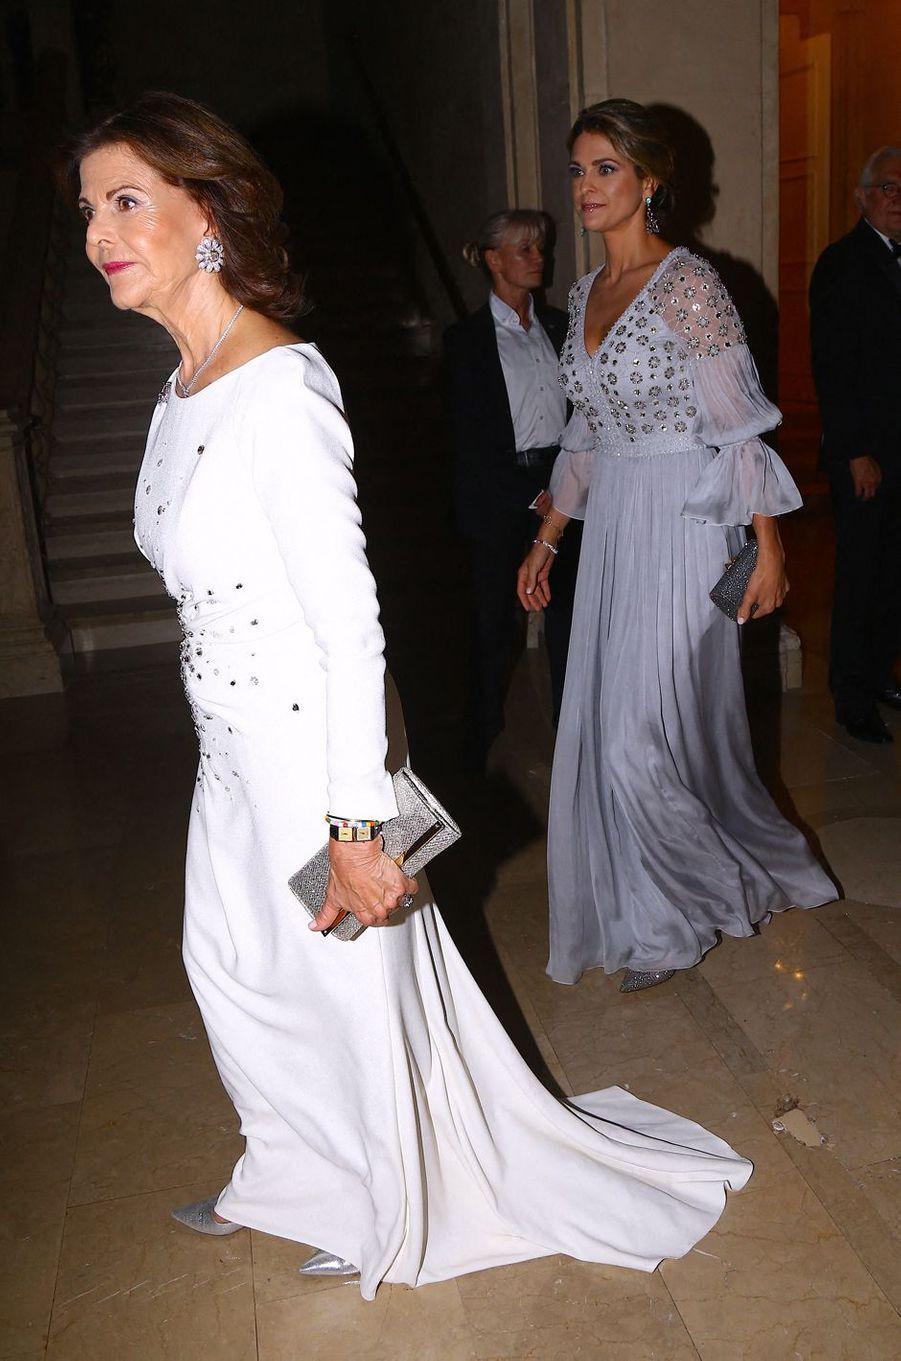 La reine Silvia de Suède et la princesse Madeleine à New York, le 1er octobre 2019